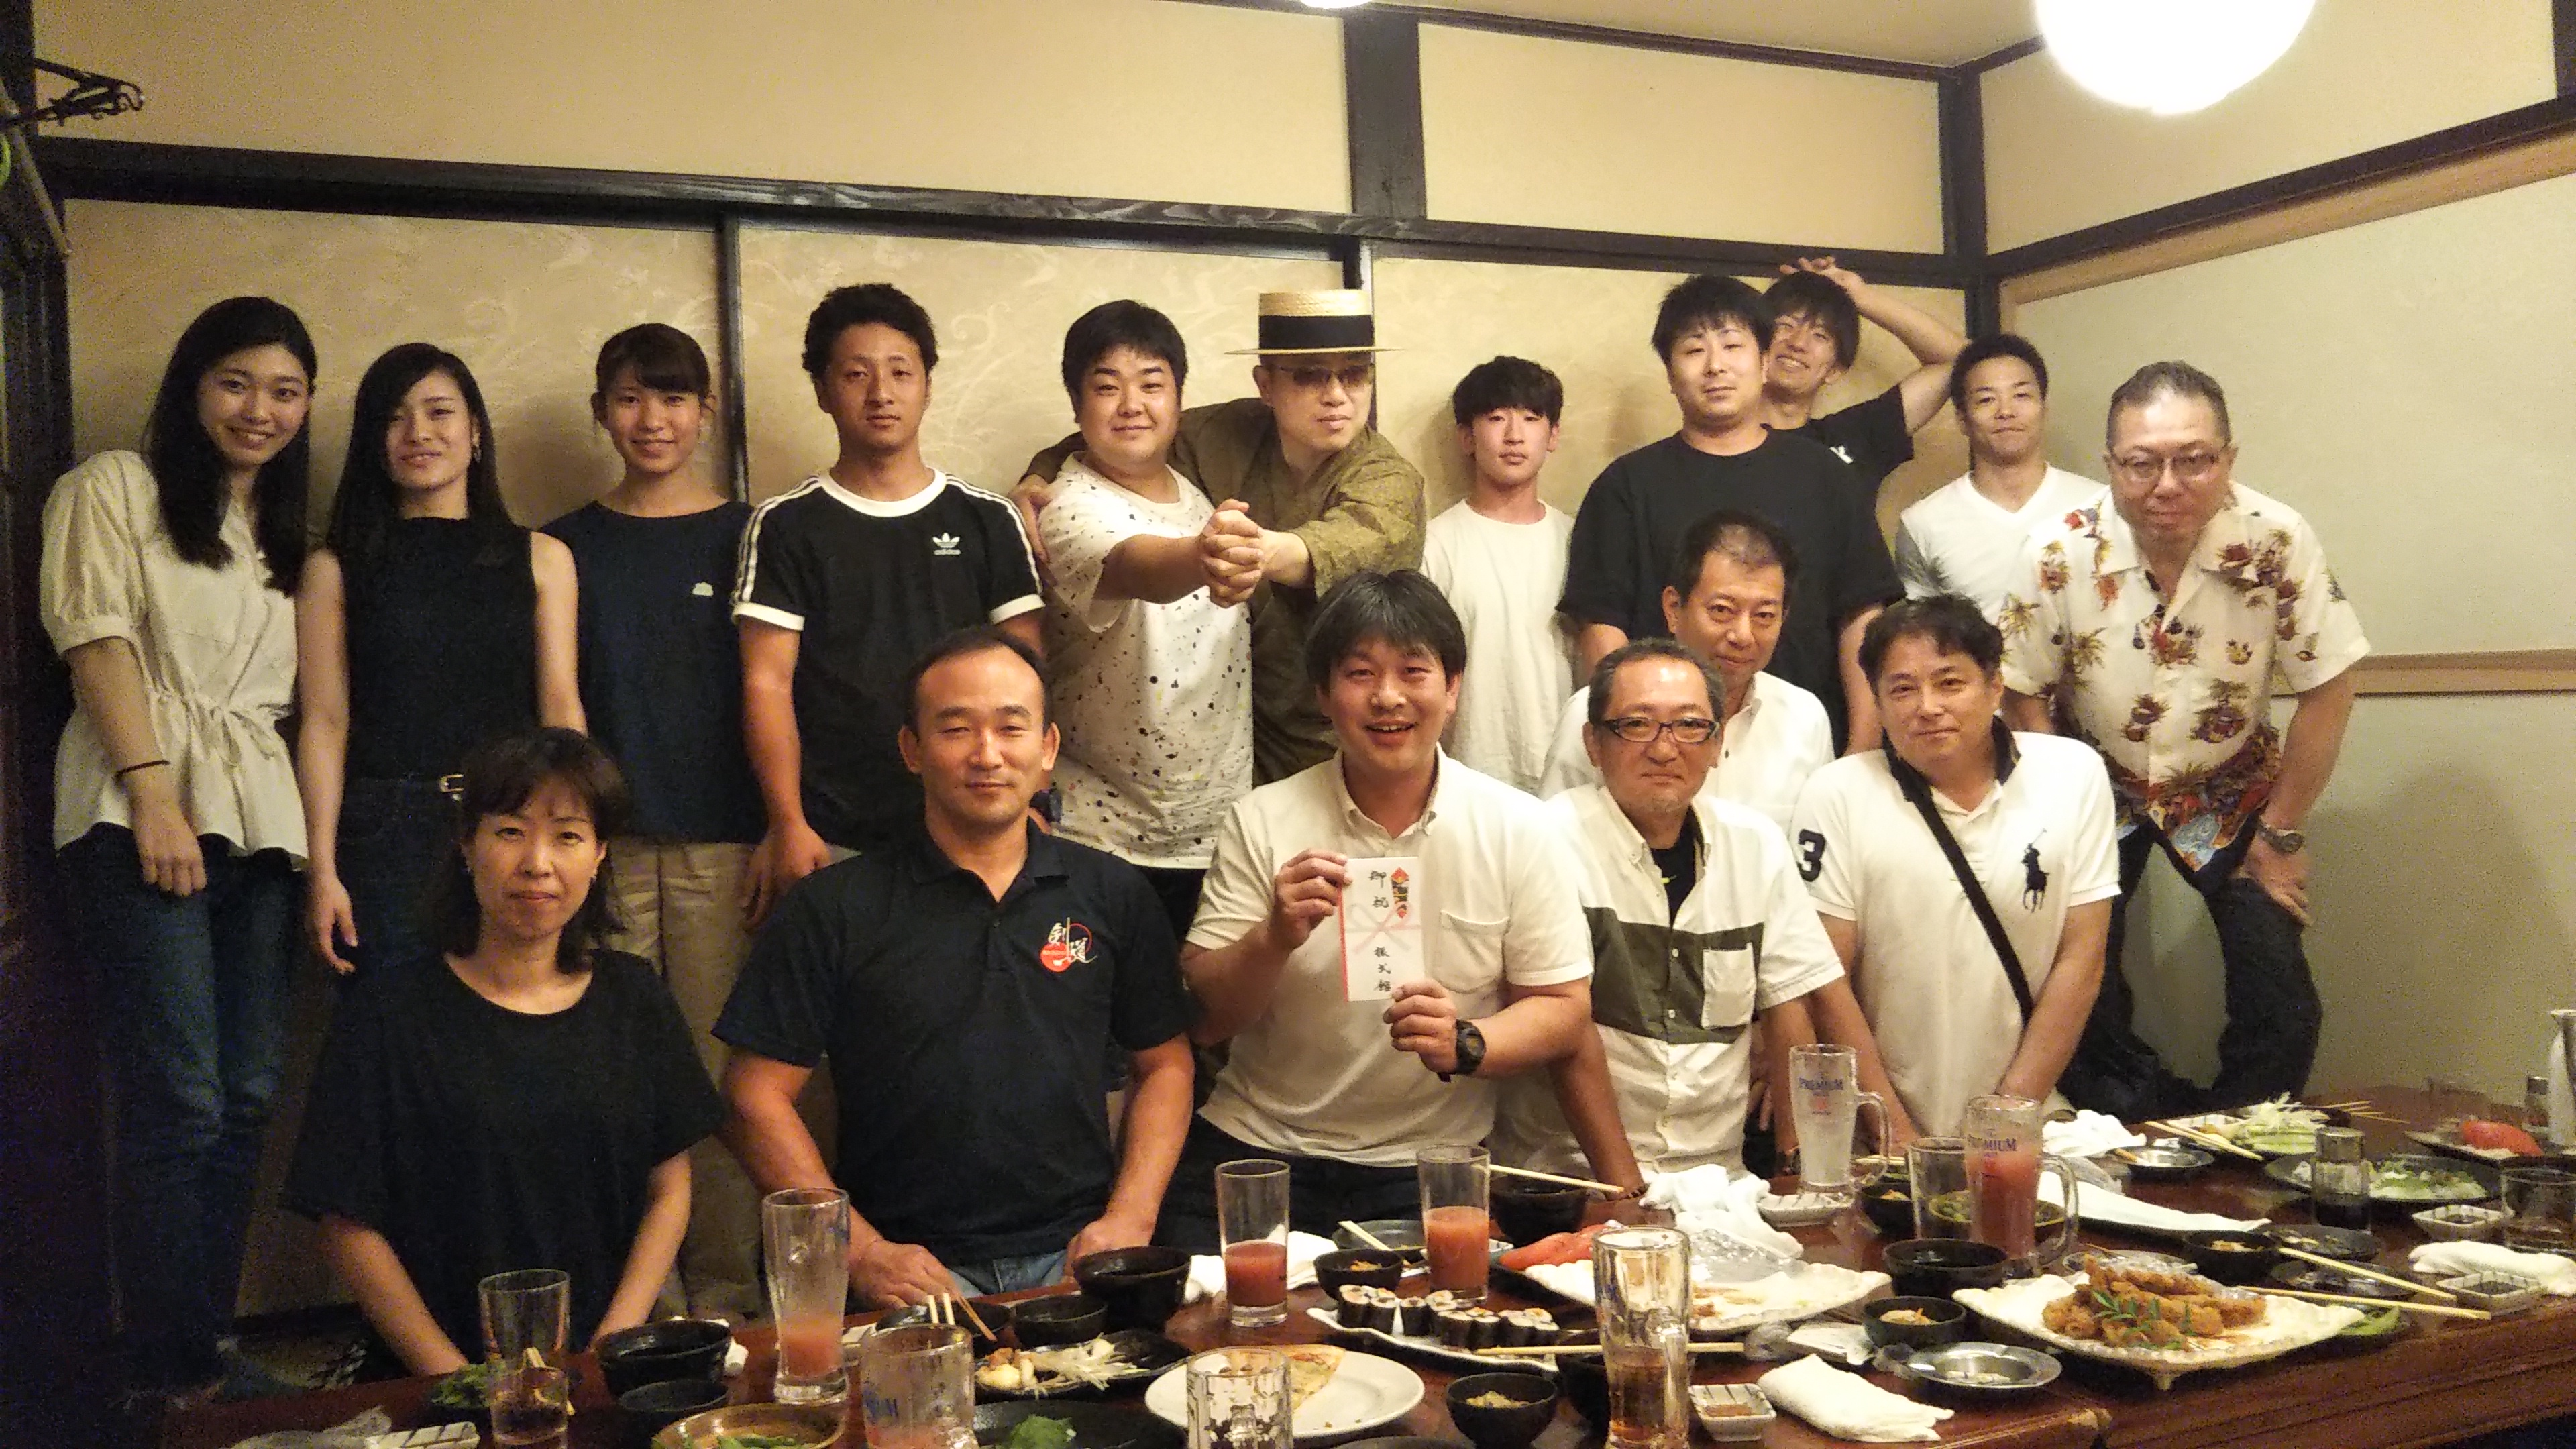 健太郎先生祝賀会